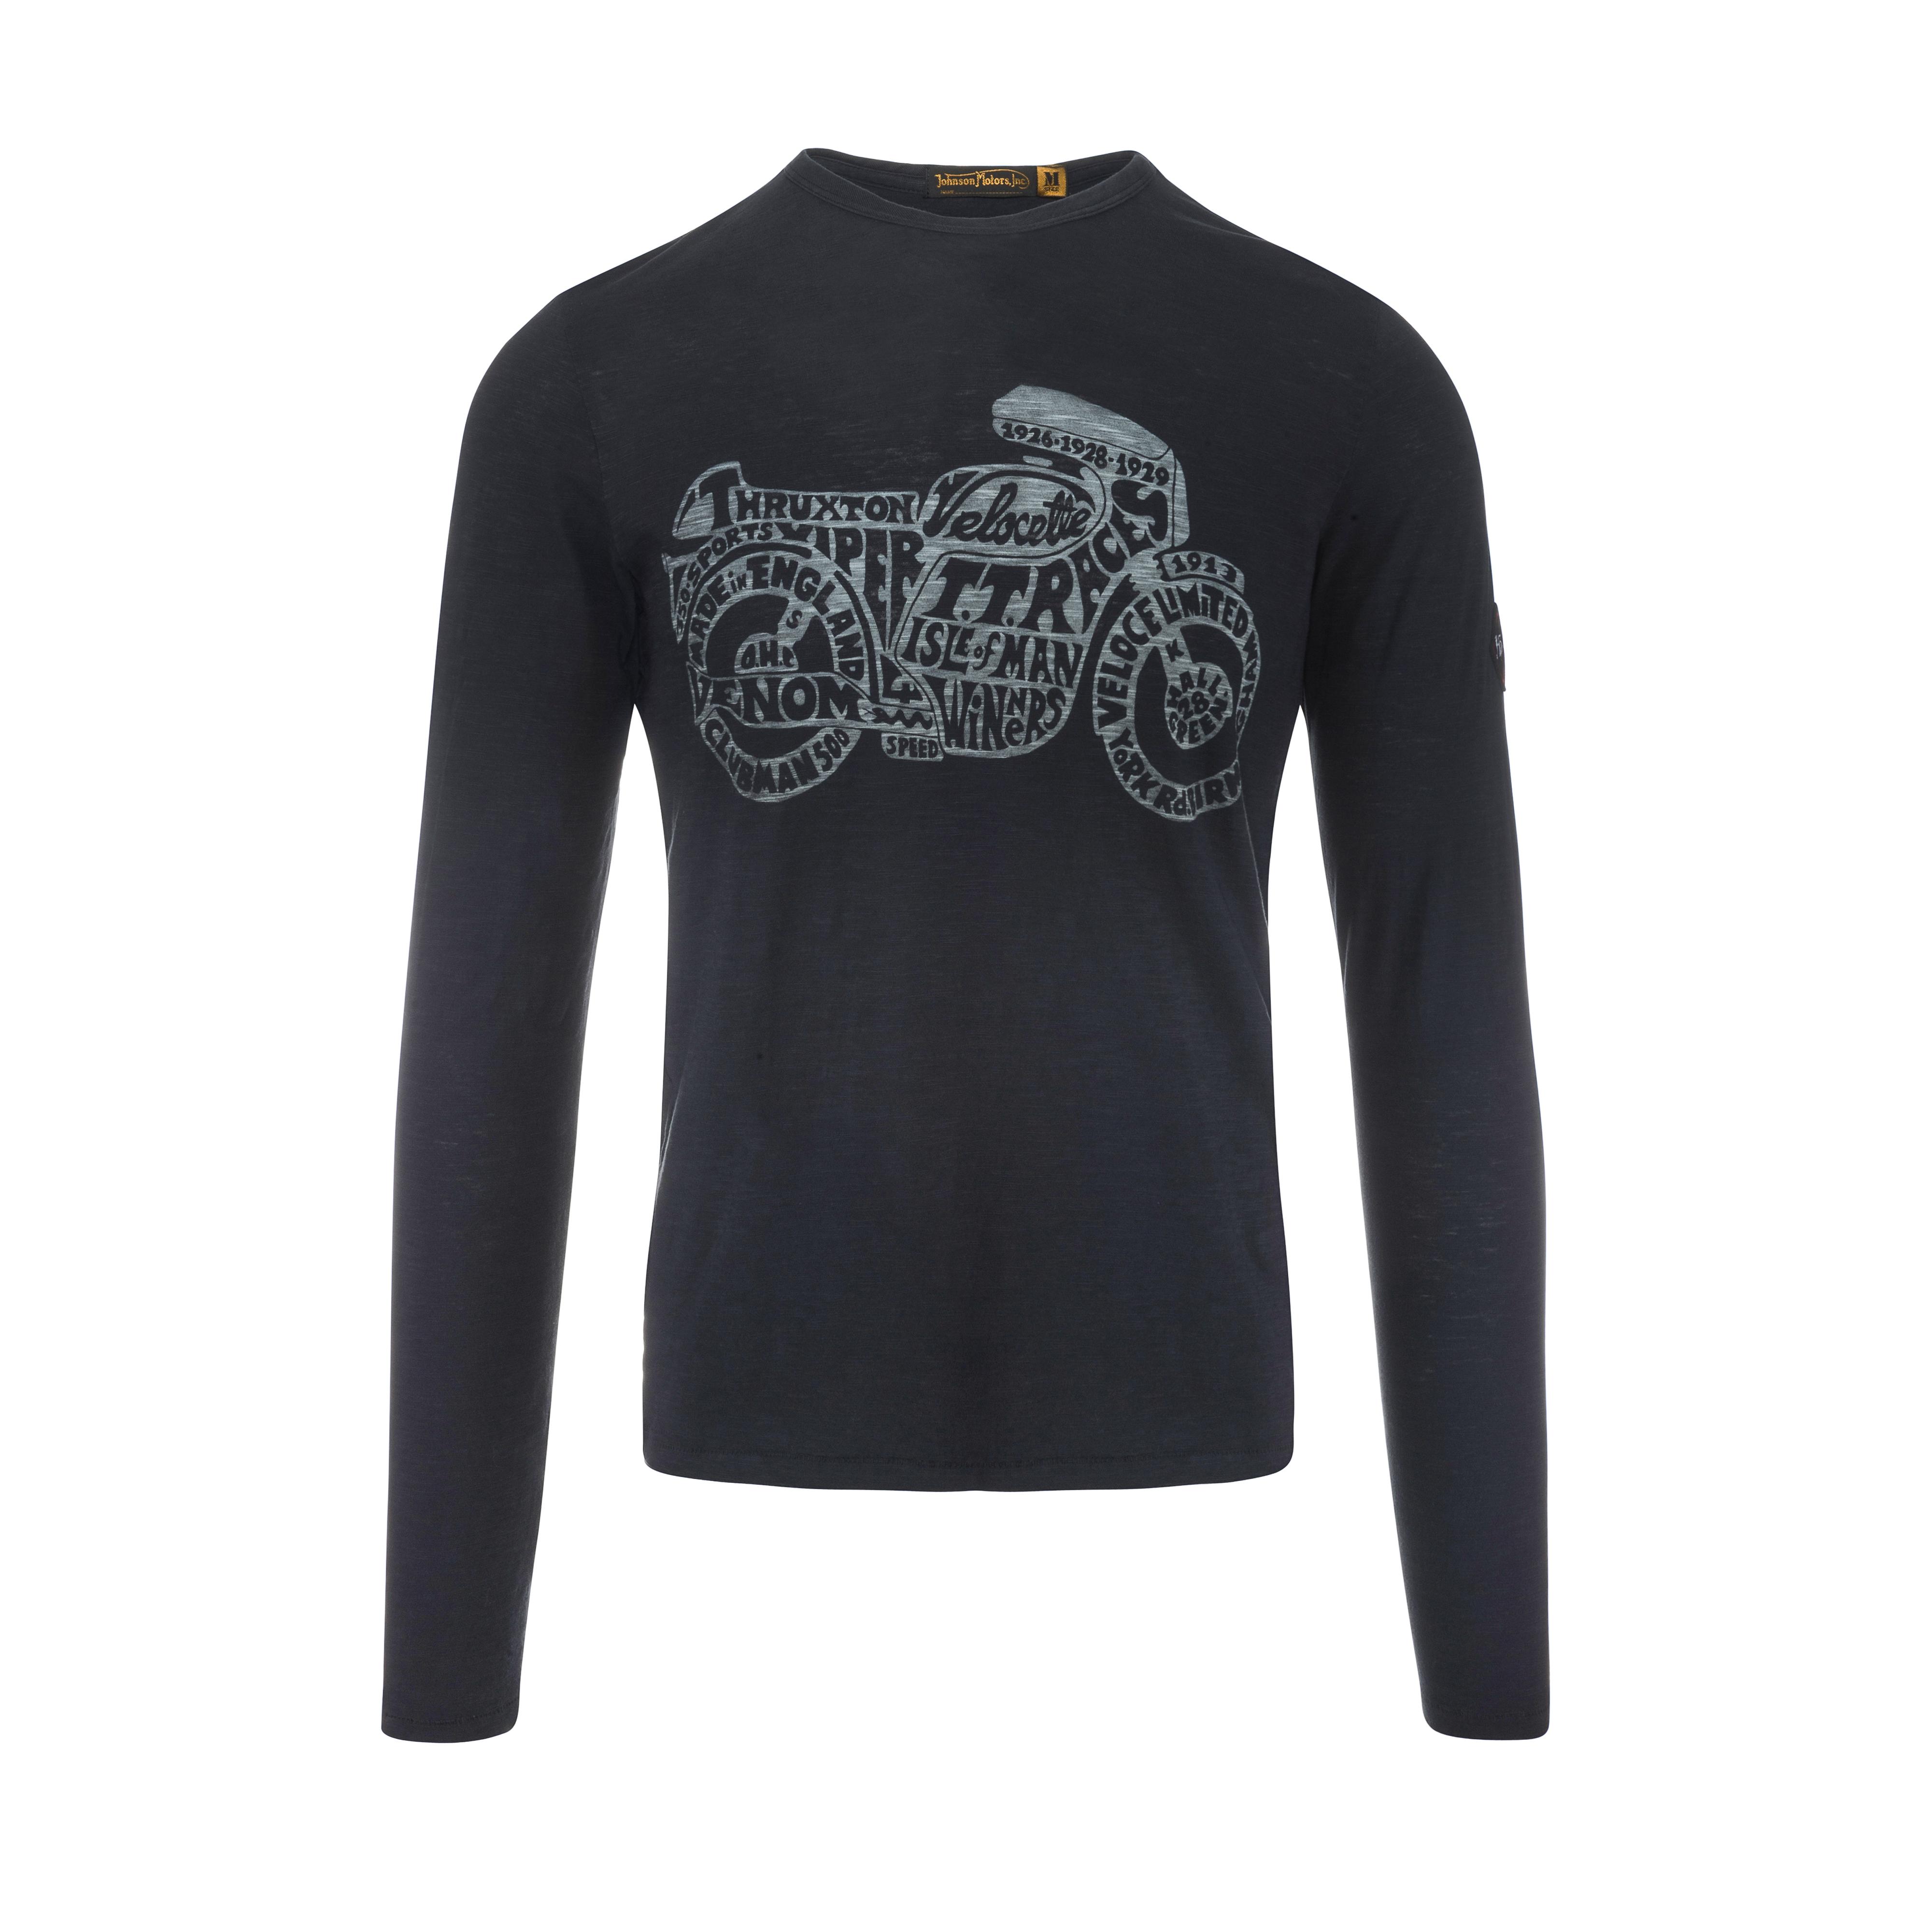 Thruxton Longsleeve Vintage Black